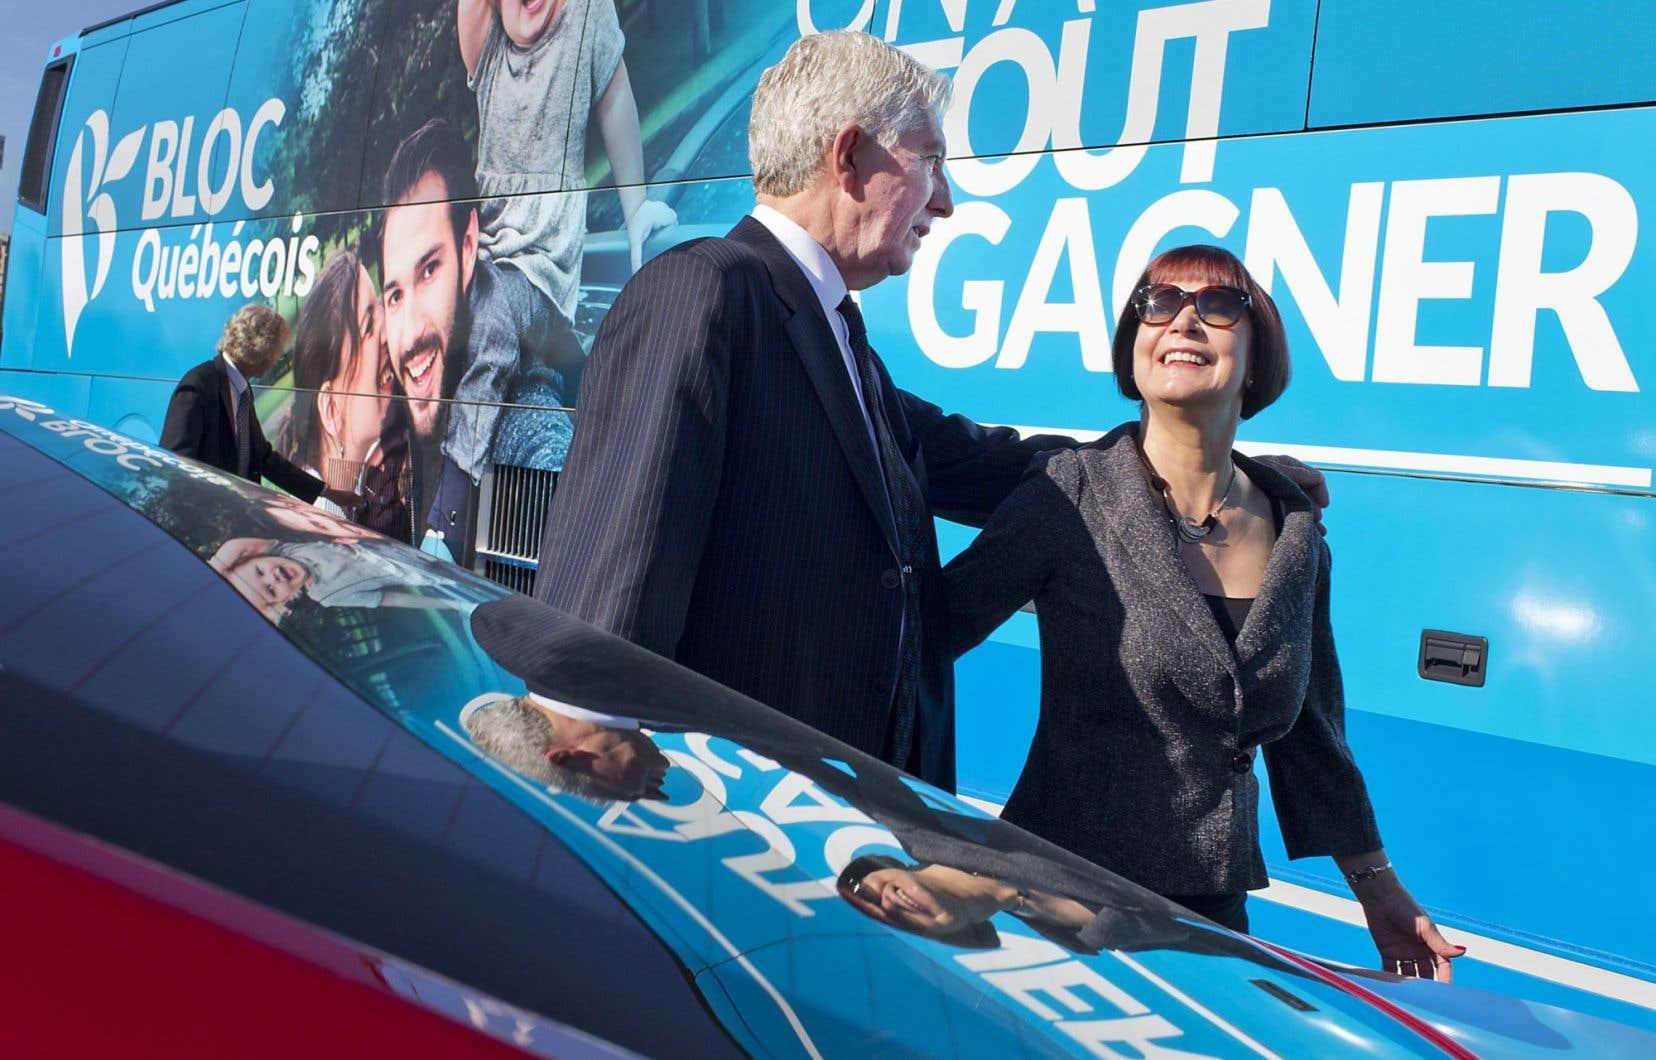 Le chef du Bloc québécois, Gilles Duceppe, était à Longueuil avec sa conjointe, Yolande Brunelle, pour une annonce au sujet de l'électrification des transports.